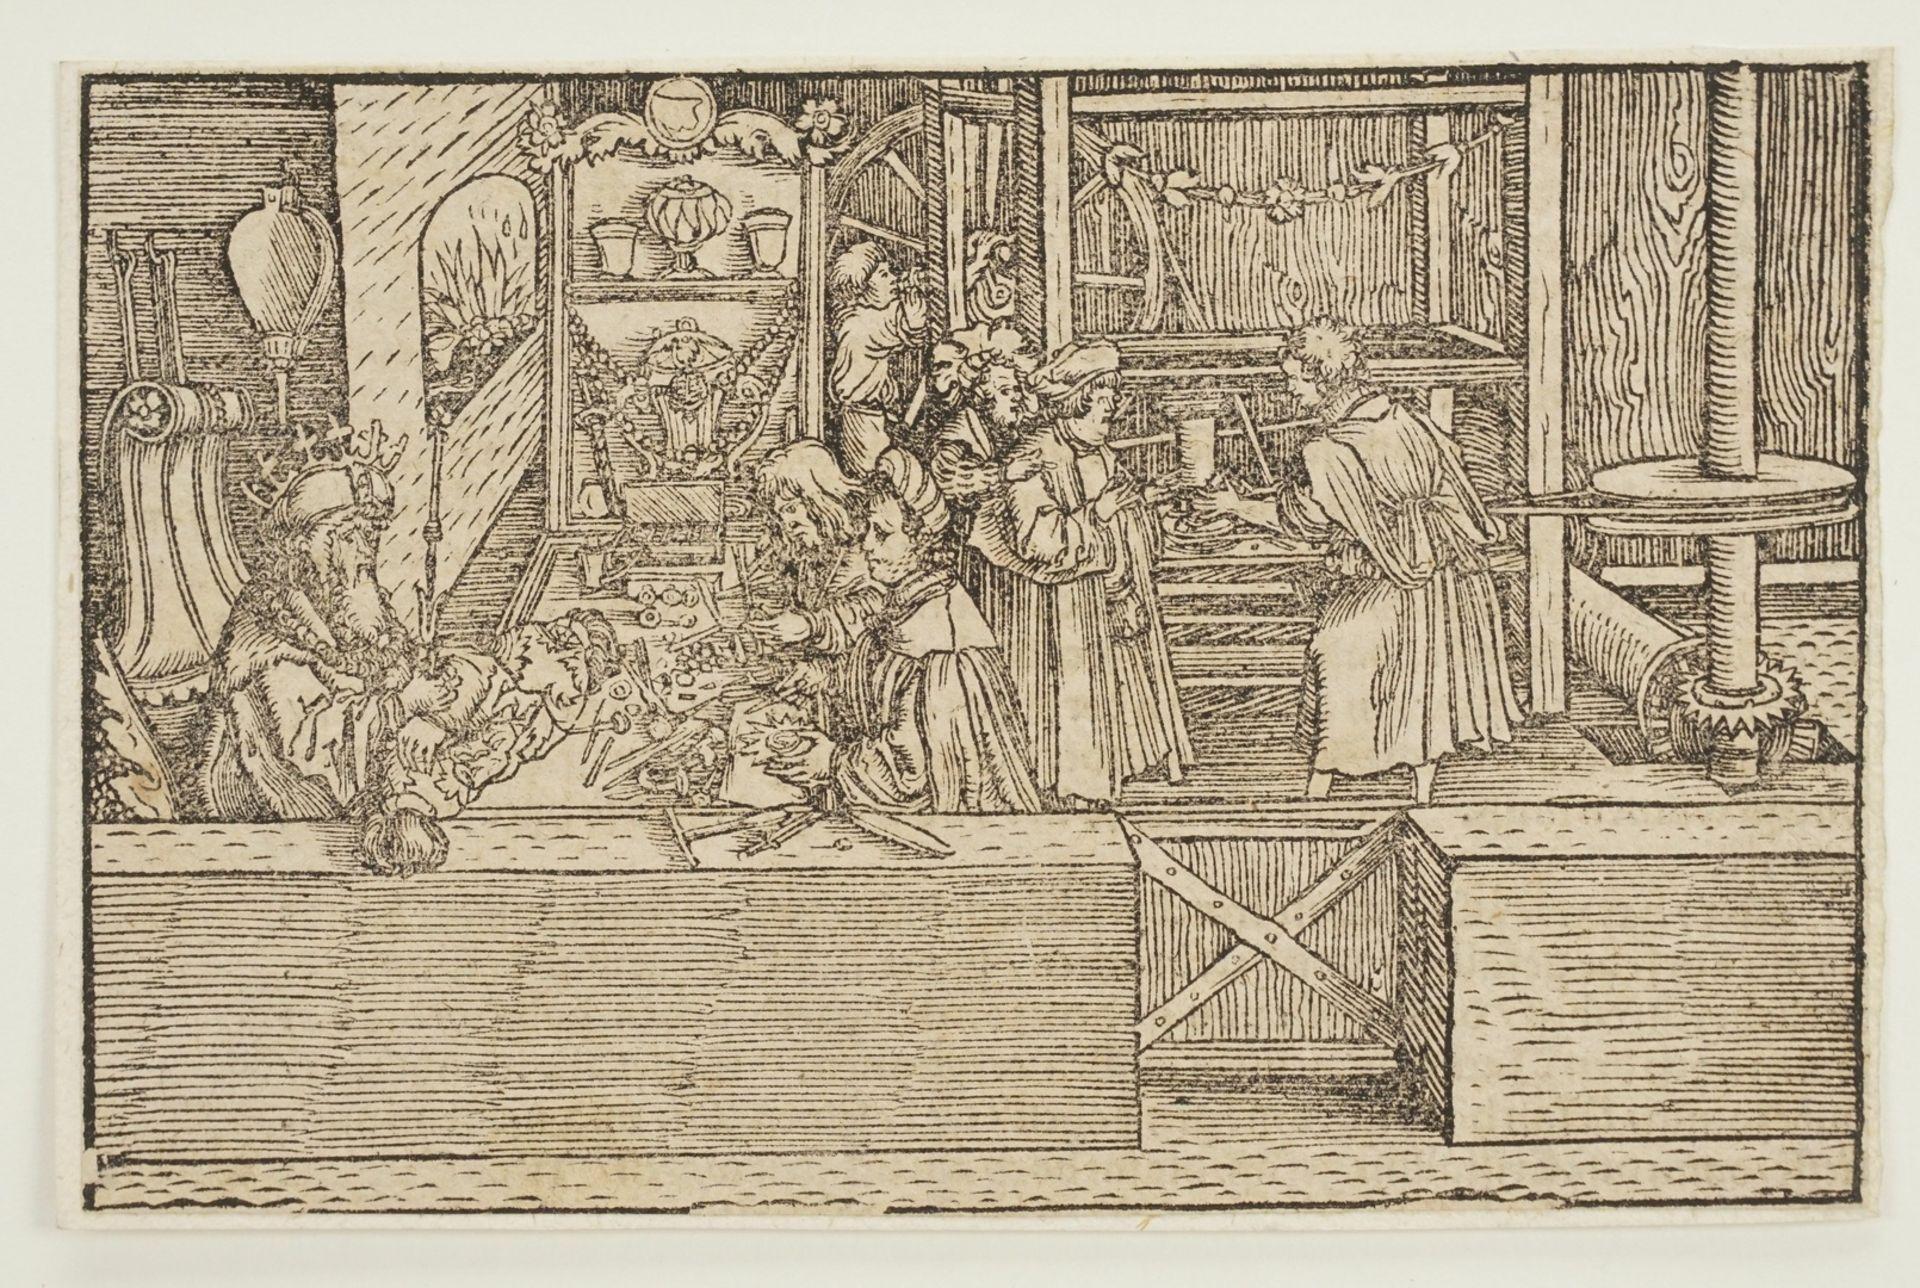 Petrarcameister, Der Gold- und Silberschmied - Bild 3 aus 3